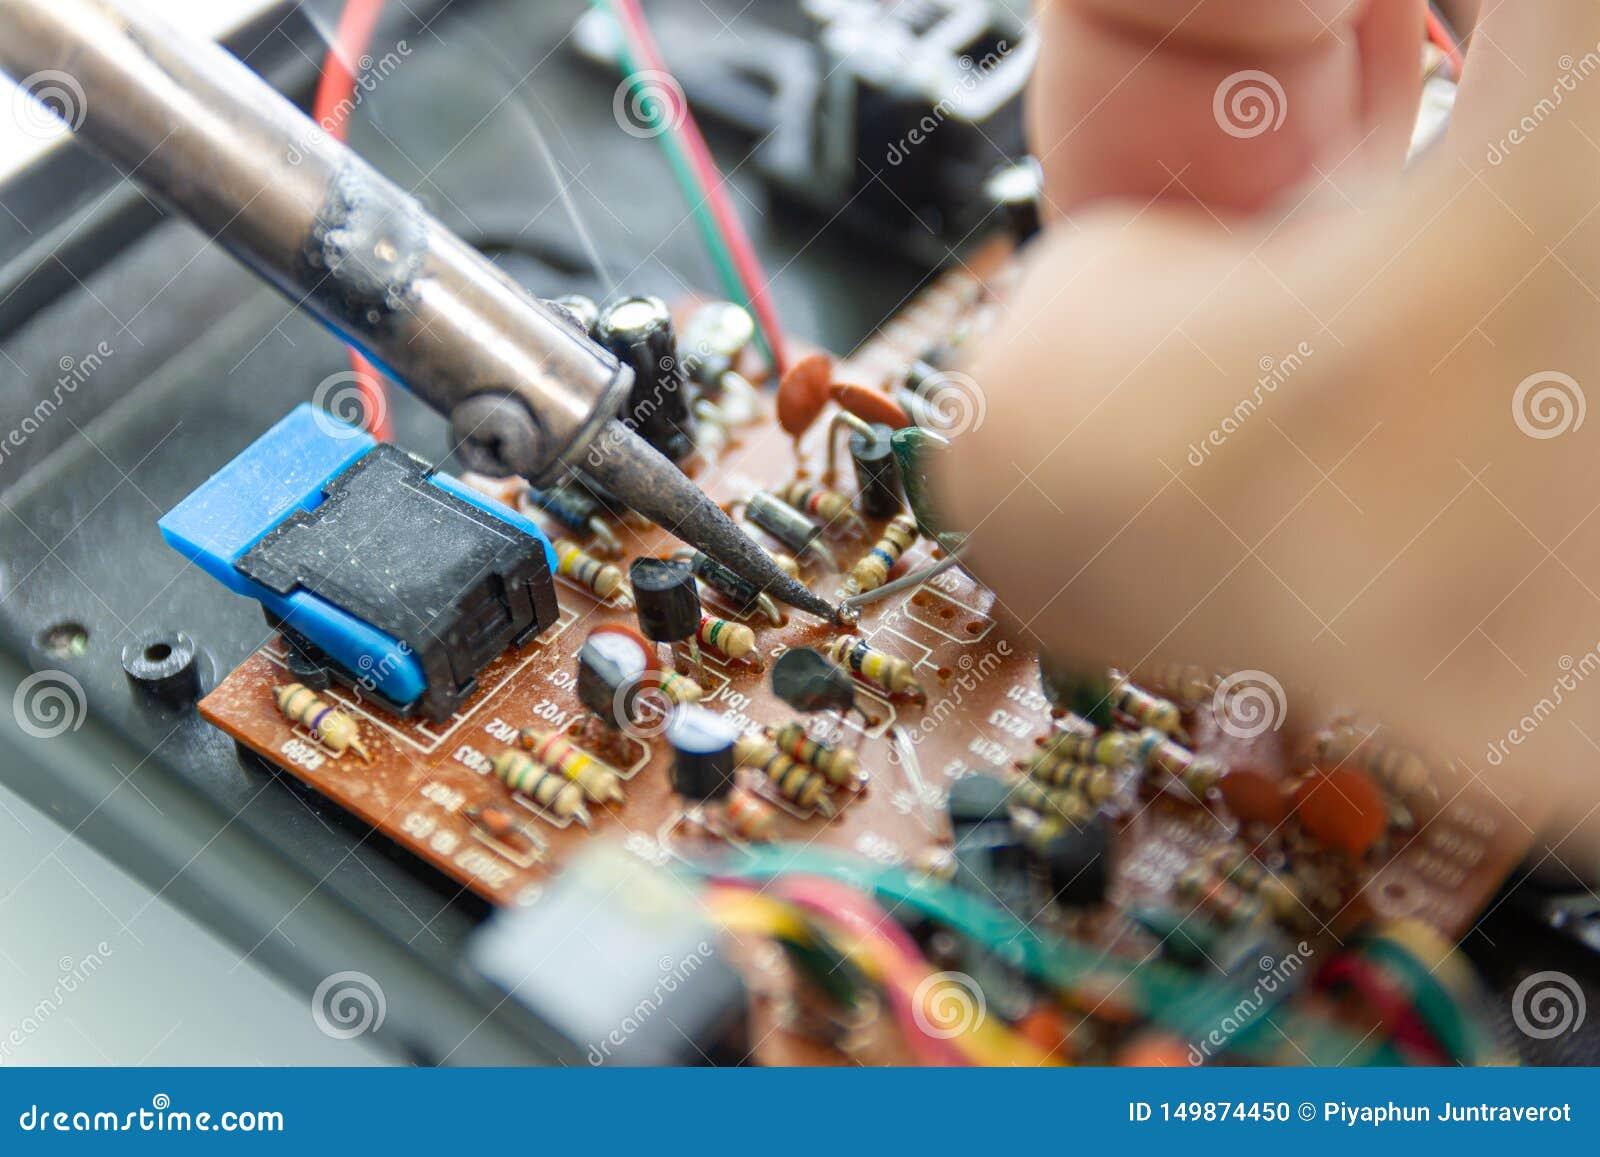 Οι τεχνικοί χρησιμοποιούν έναν συγκολλώντας σίδηρο για την επισκευή ηλεκτρονική